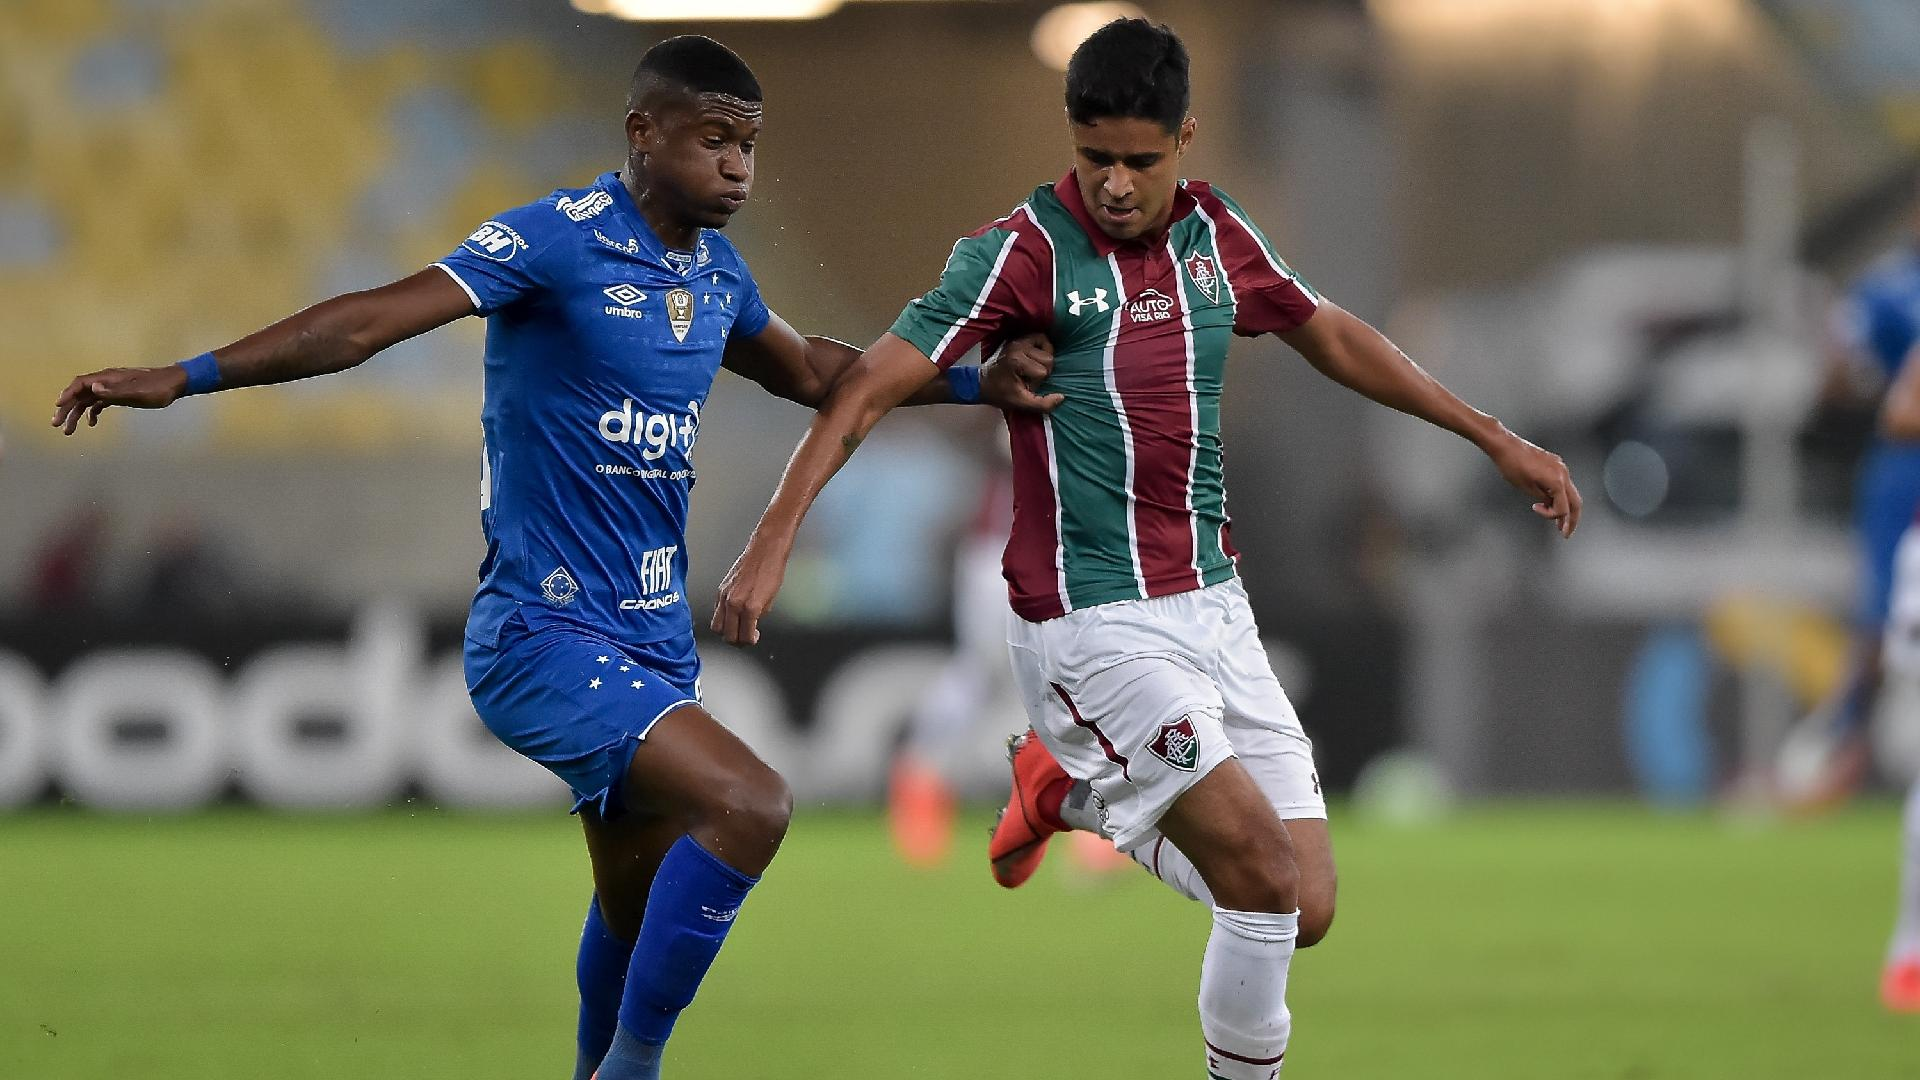 Léo Artur, do Fluminense, disputa lance com Orejuela, do Cruzeiro, durante partida pela Copa do Brasil